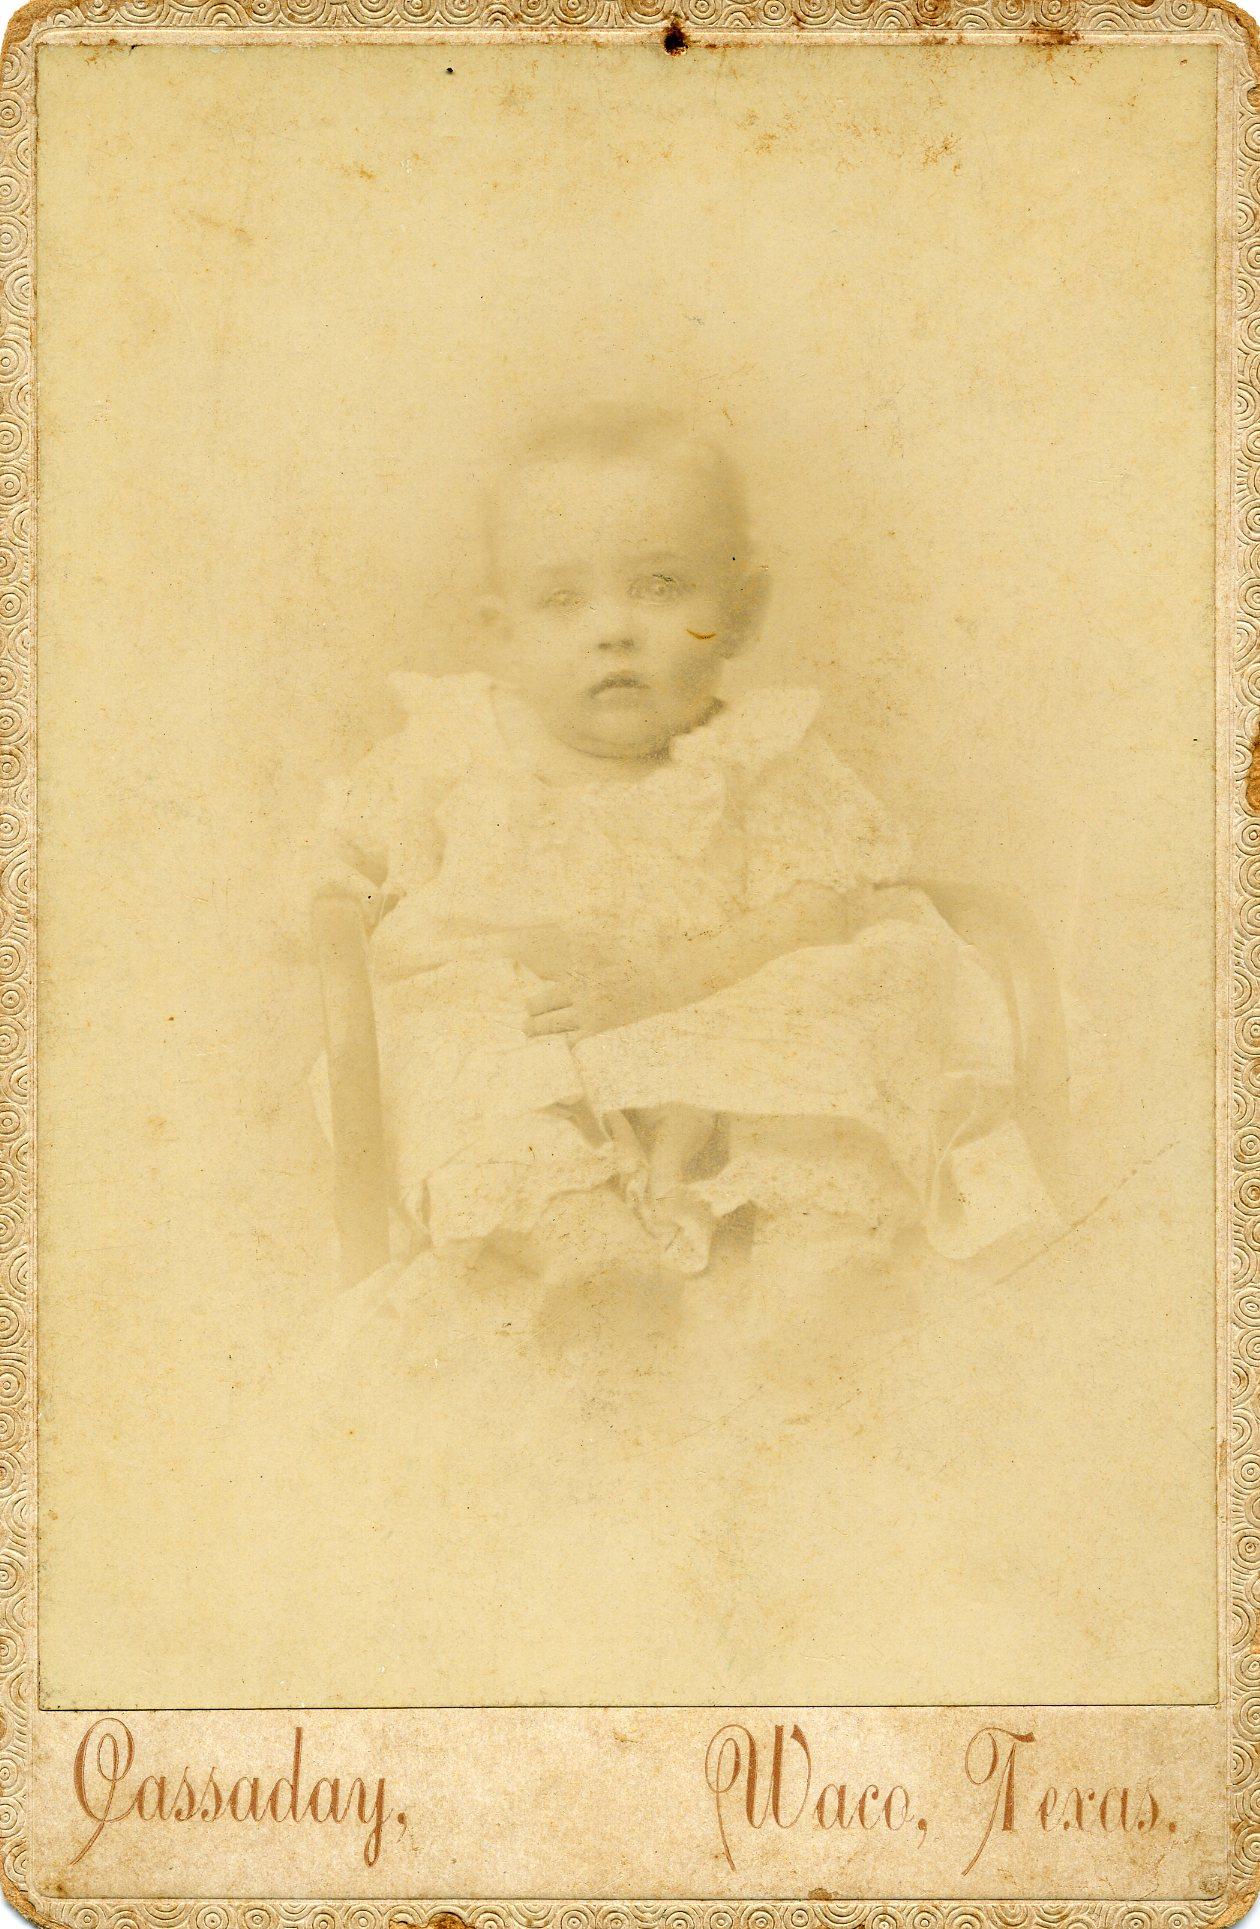 Fred Merrill Shelton